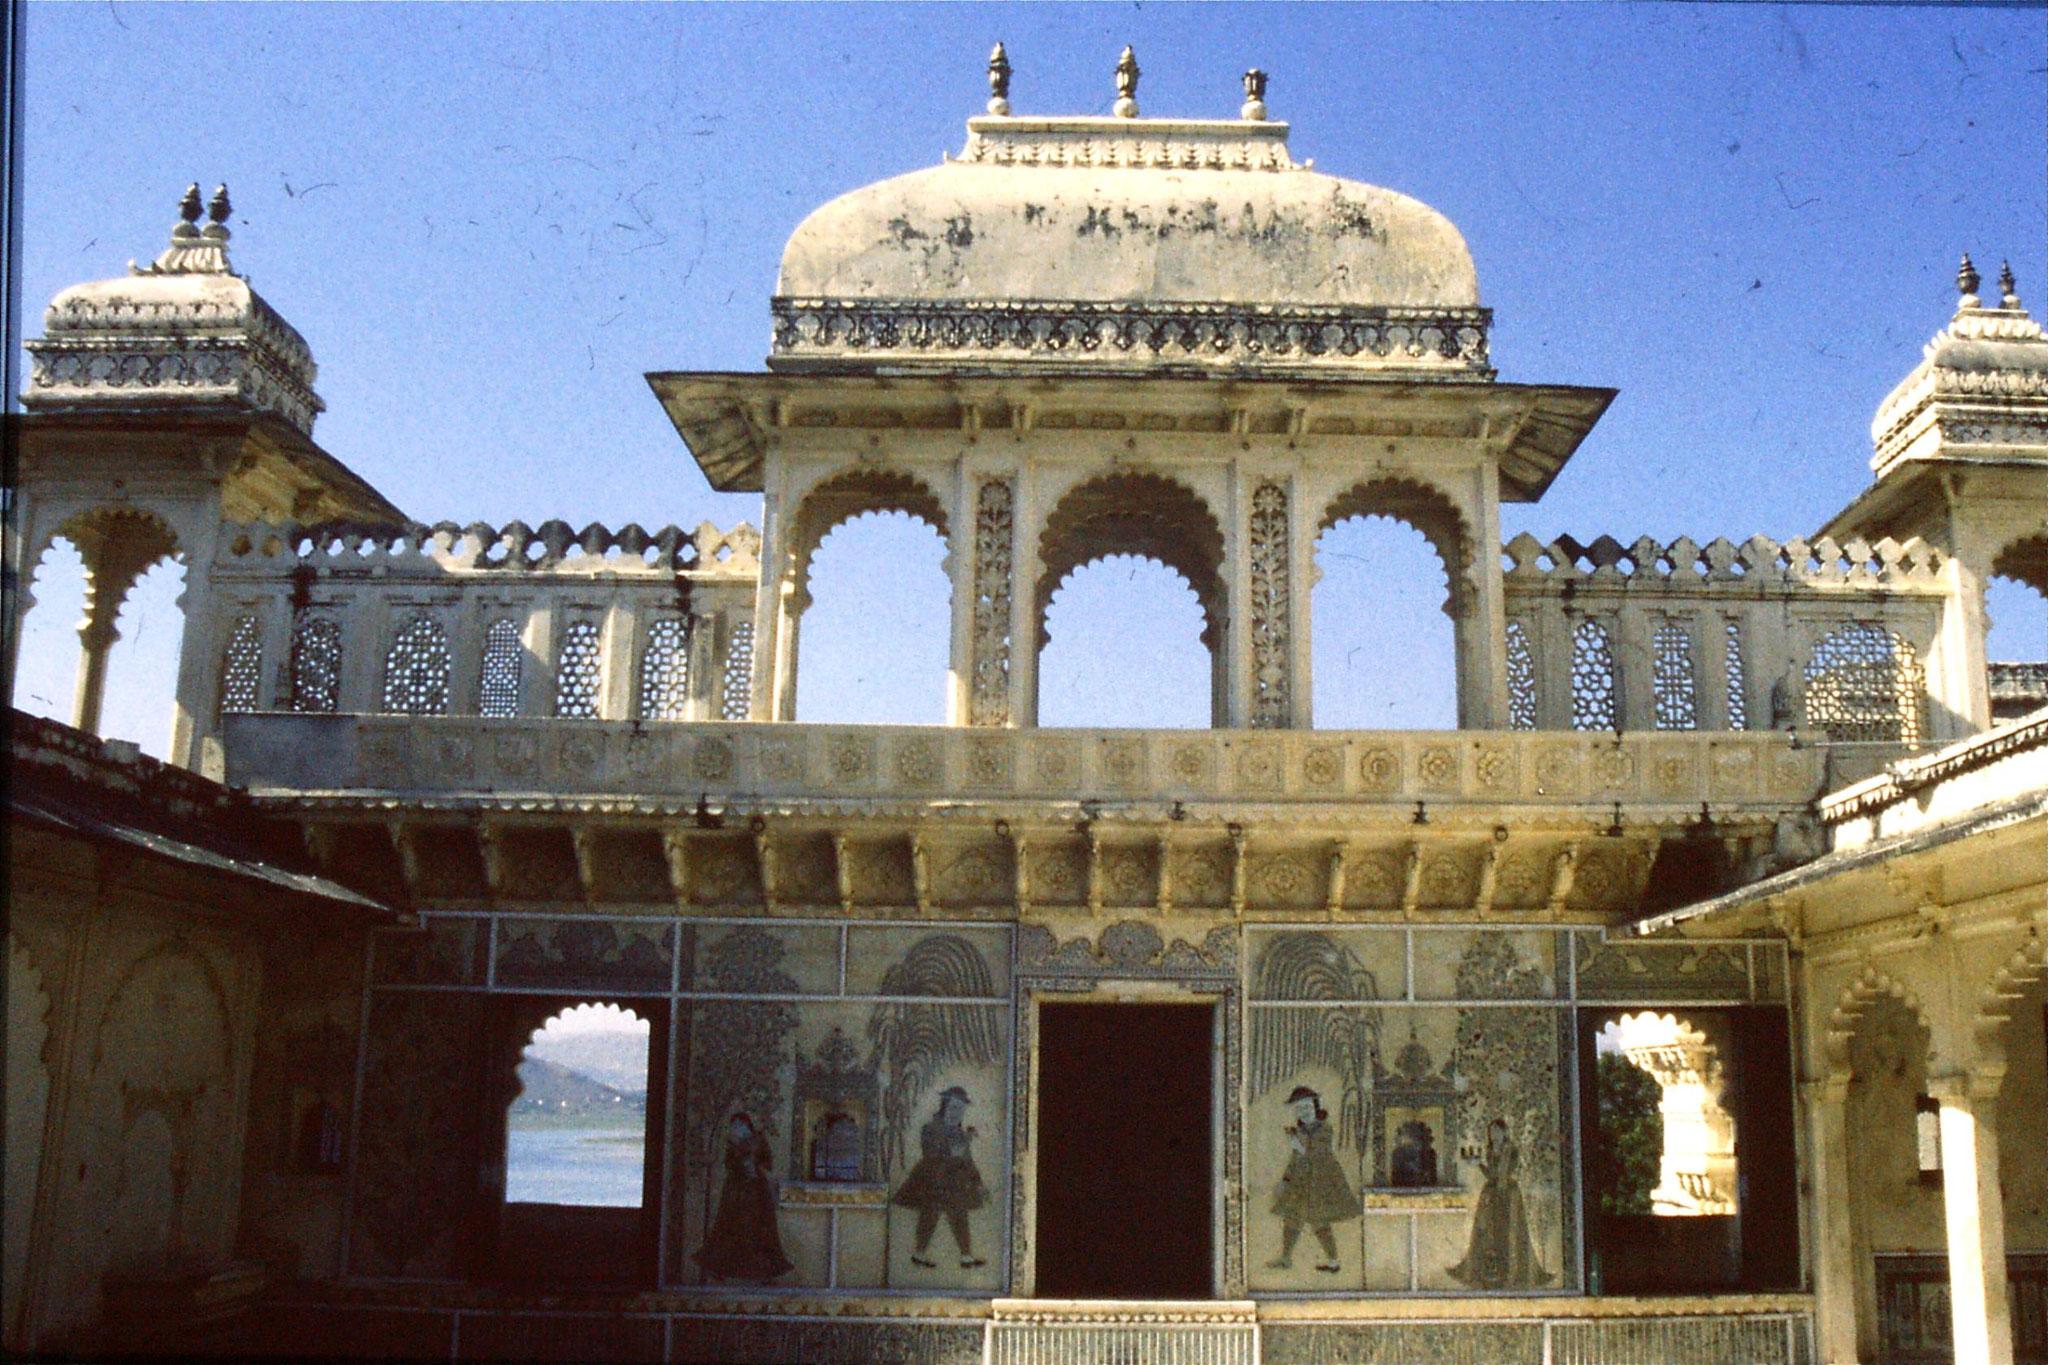 8/12/1989: 24: Udaipur City Palace